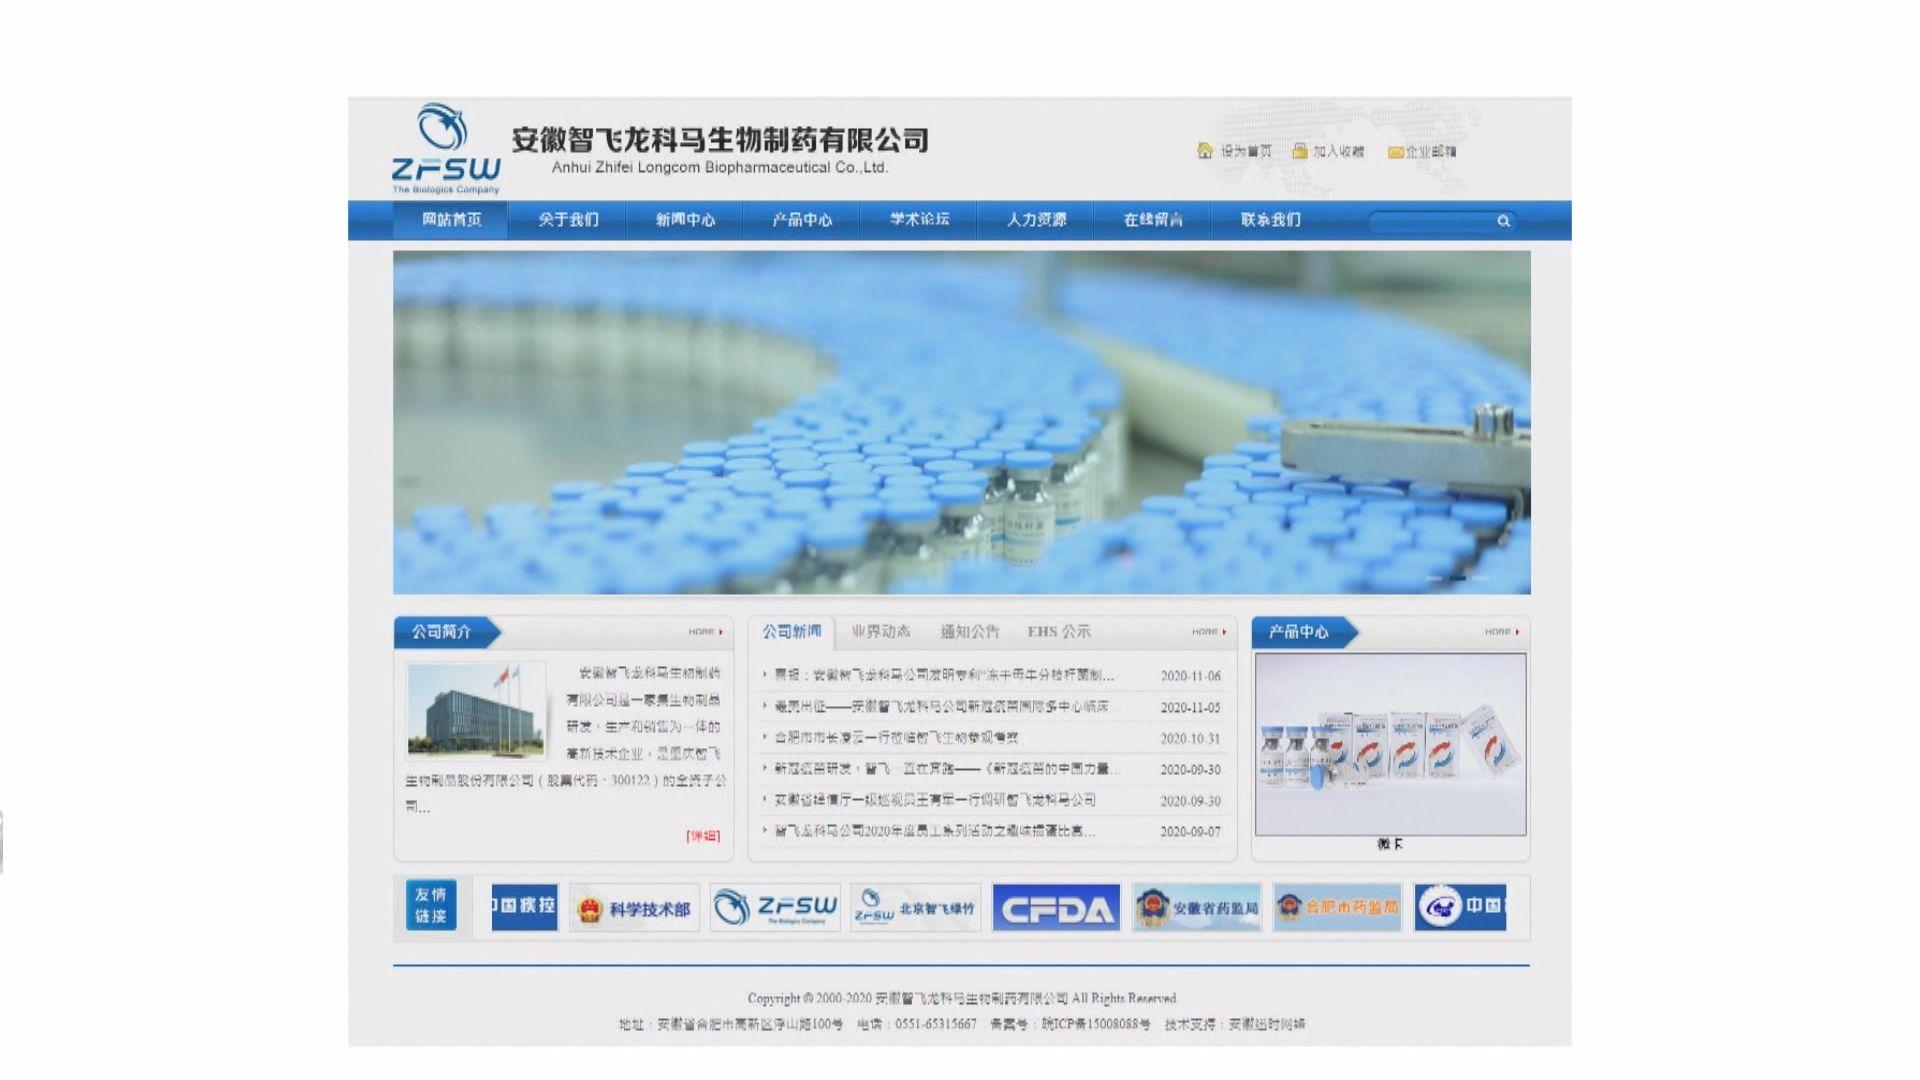 中國一款新冠疫苗於烏茲別克進行第三期測試